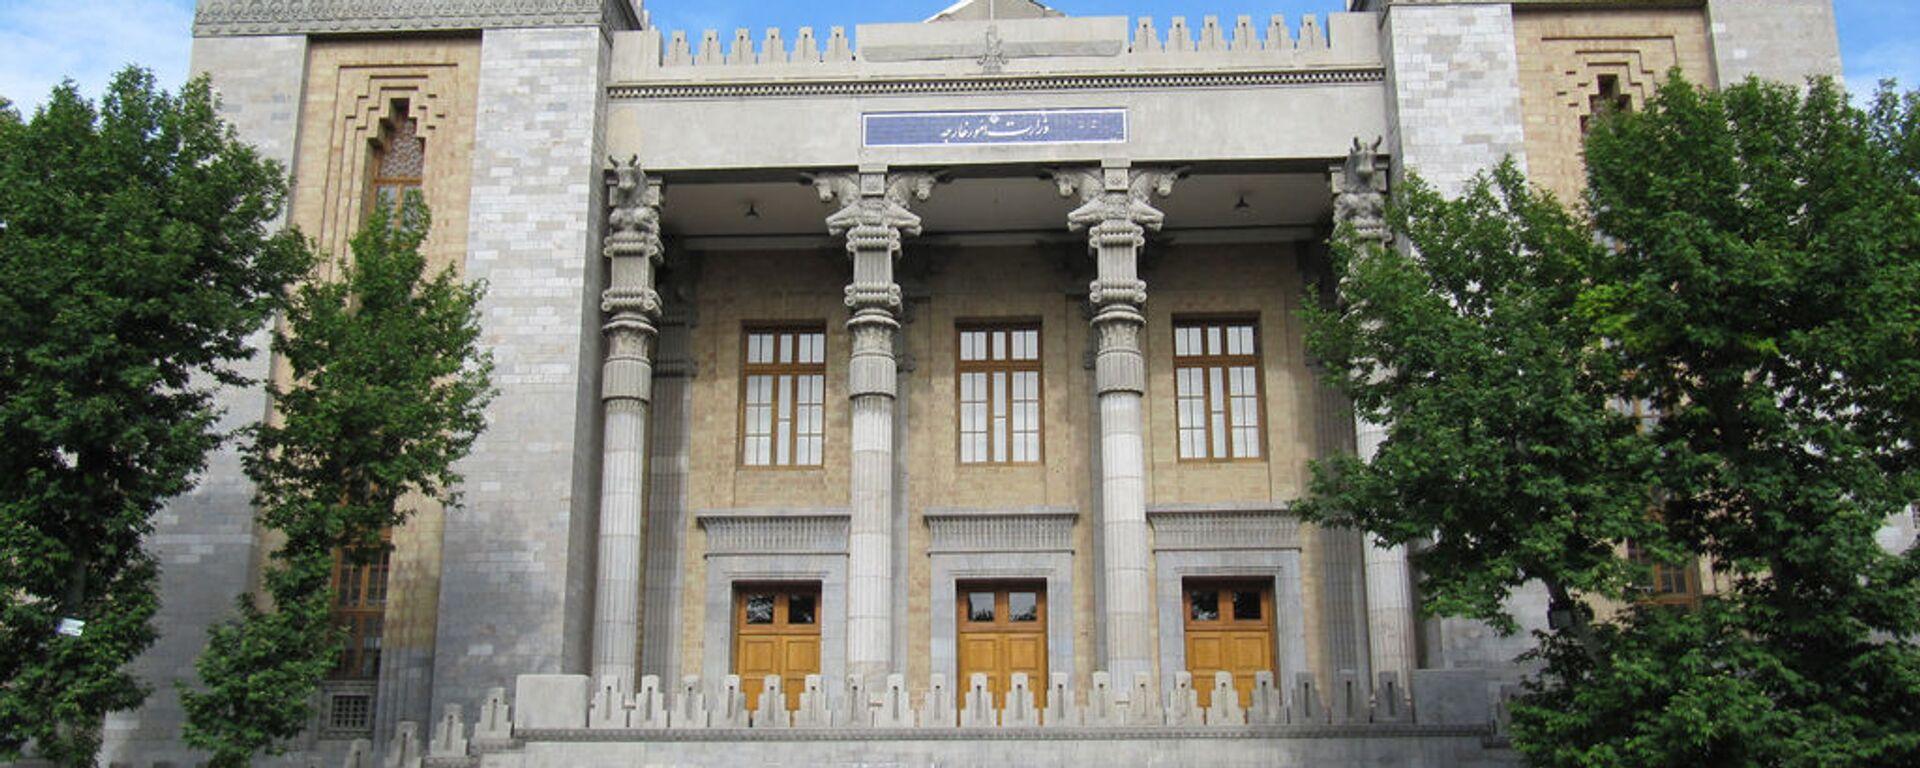 Здание МИД Исламской Республики Иран - Sputnik Армения, 1920, 22.06.2021